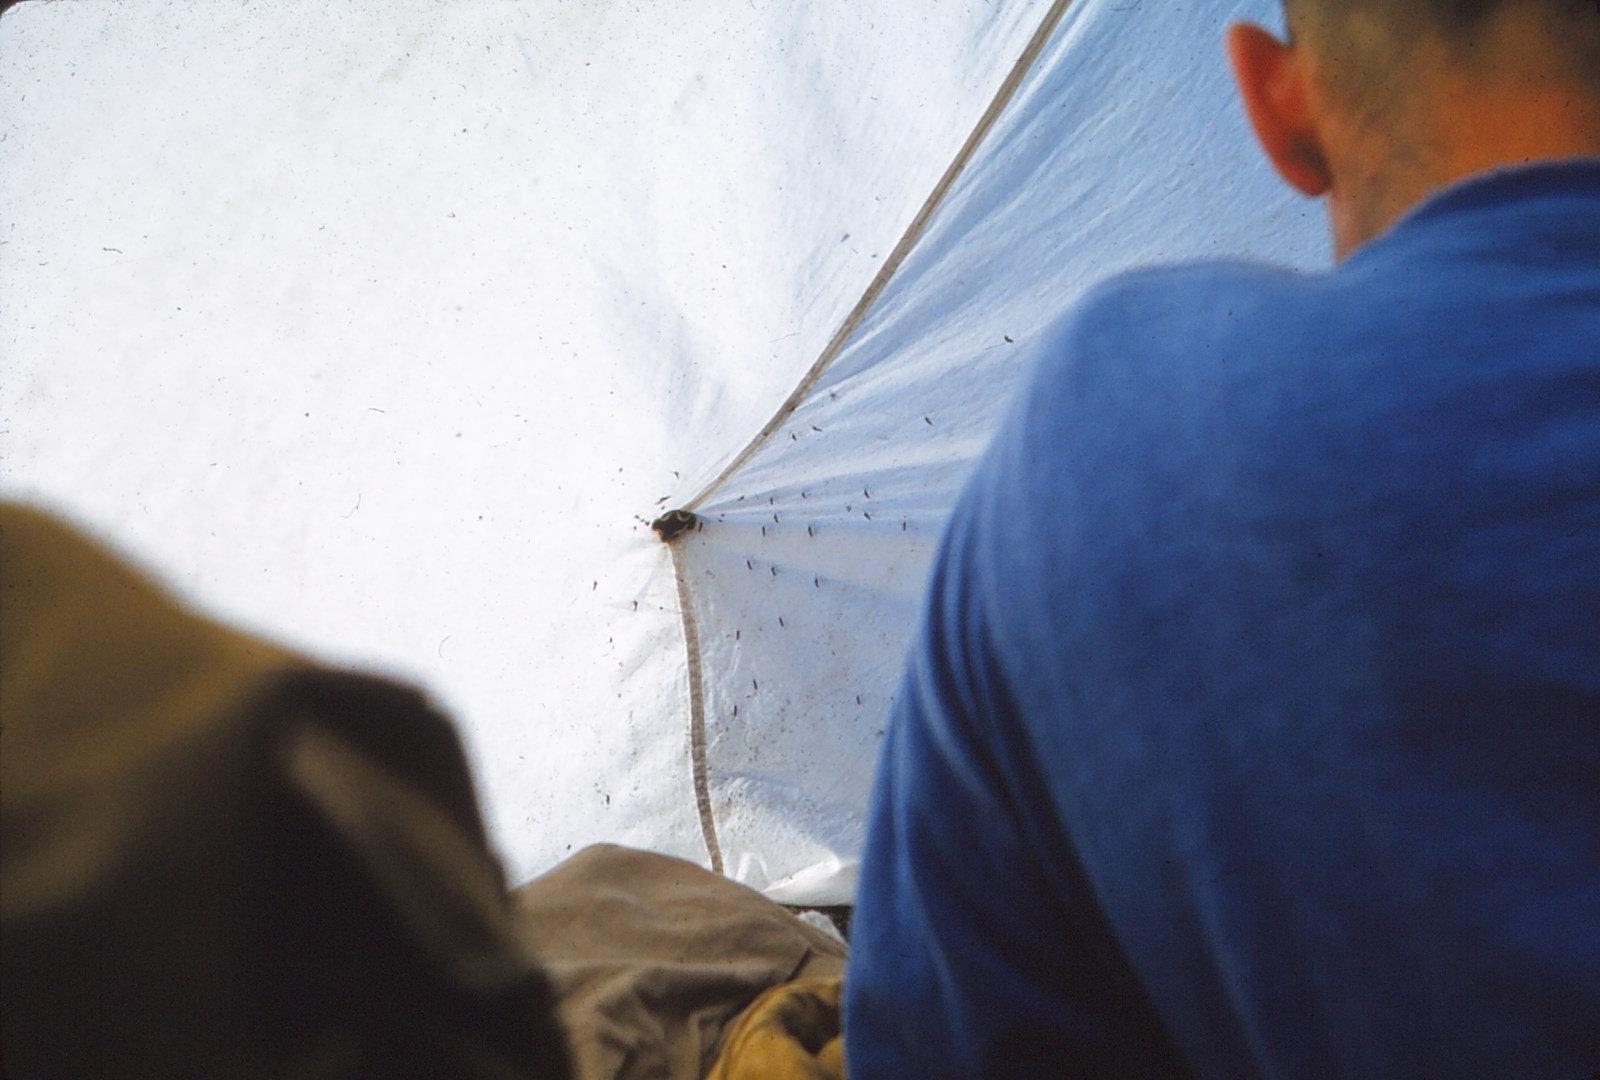 973 (9) Tent met muggen I